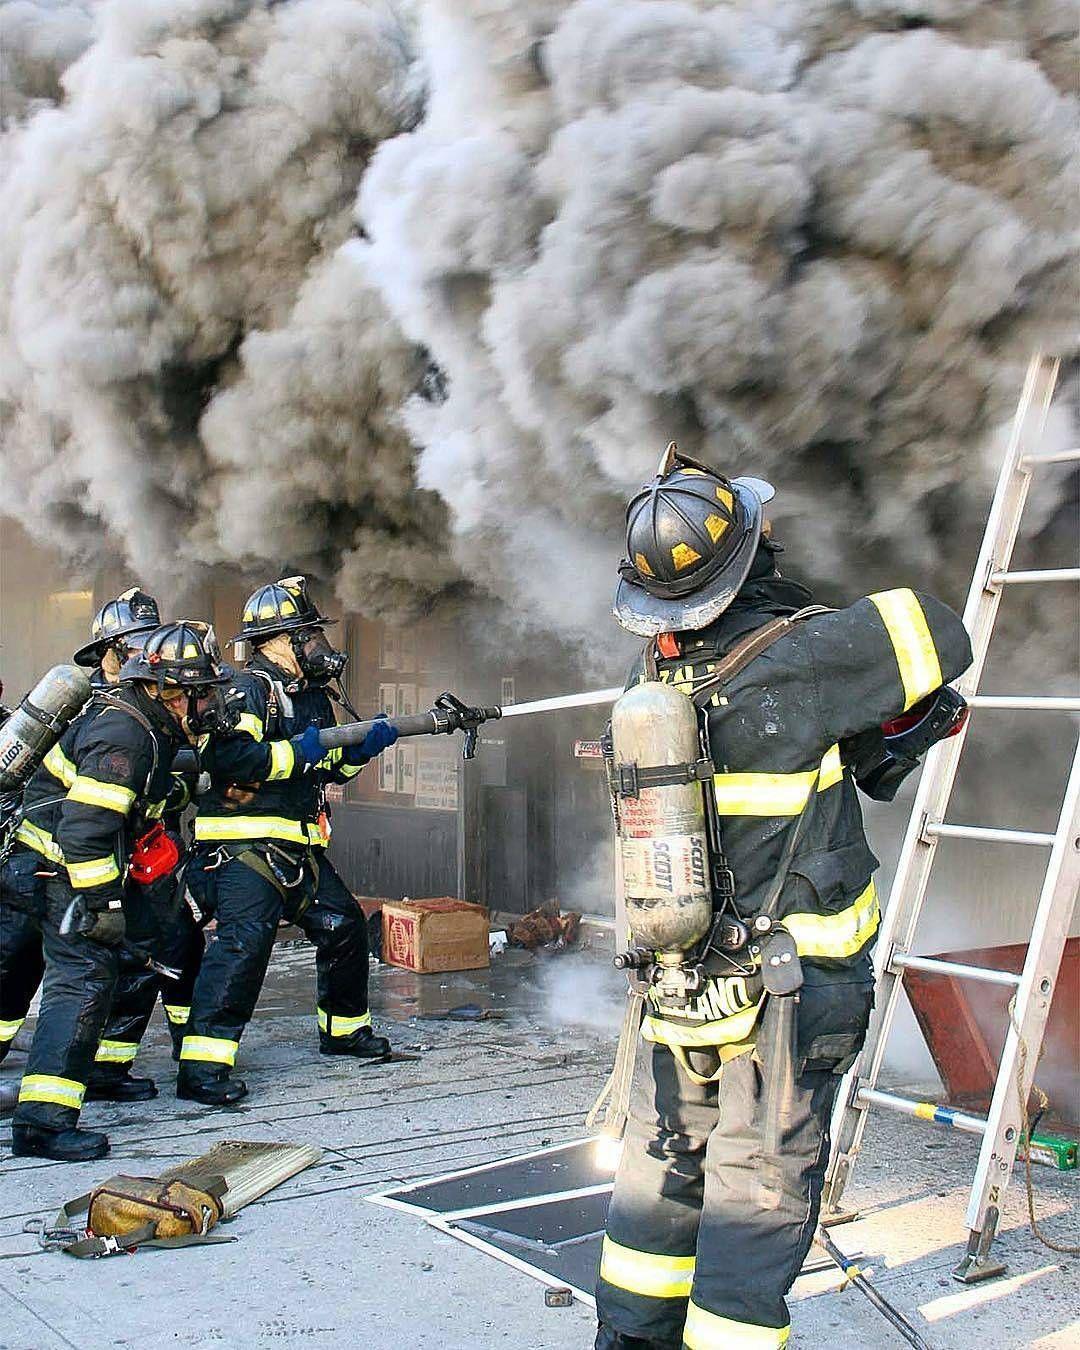 Pin by kymber on Phoenix of fire Volunteer firefighter